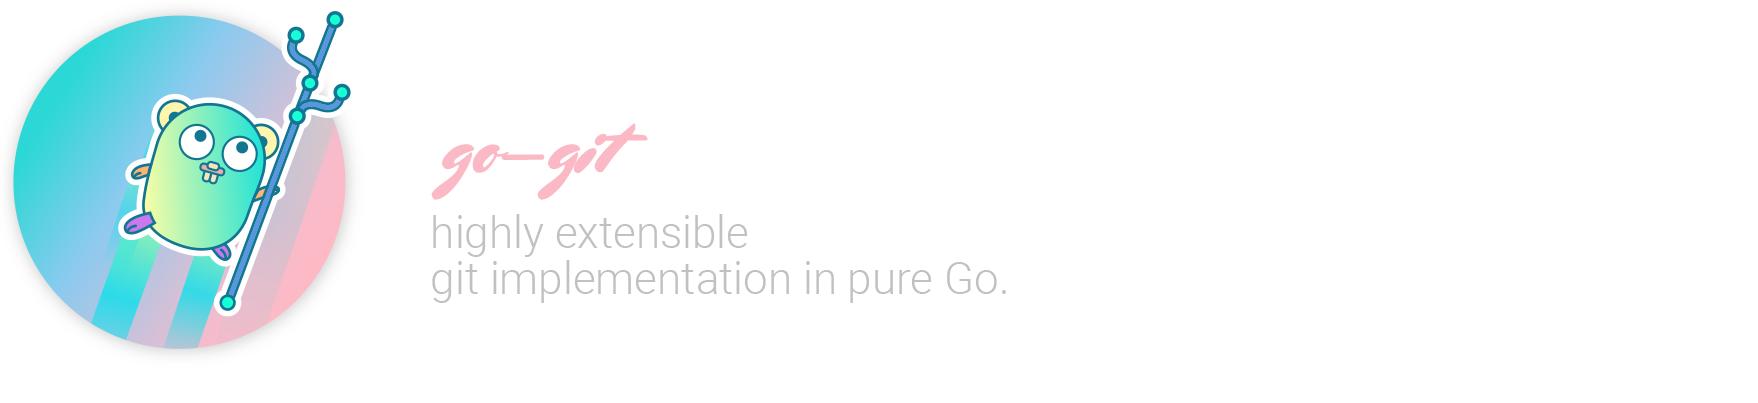 go-git logo